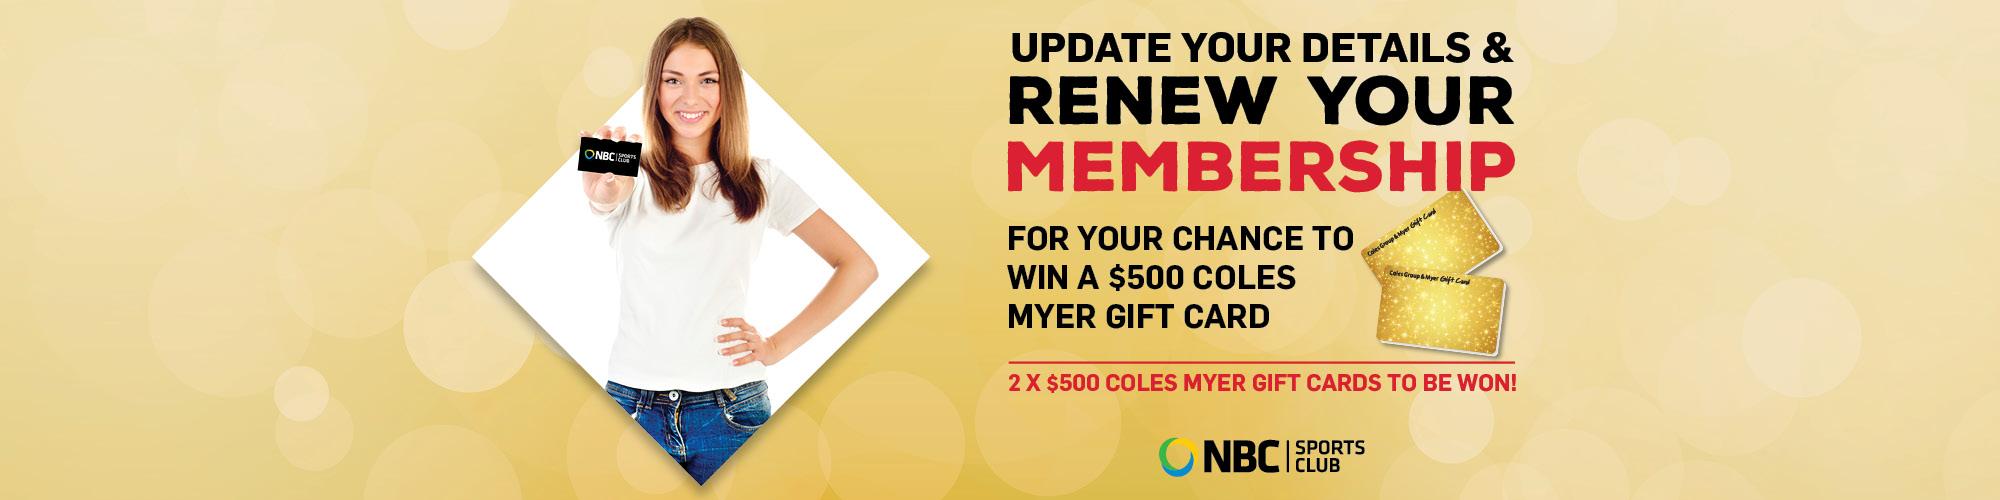 Members-Renewal-Promotion-website-slide